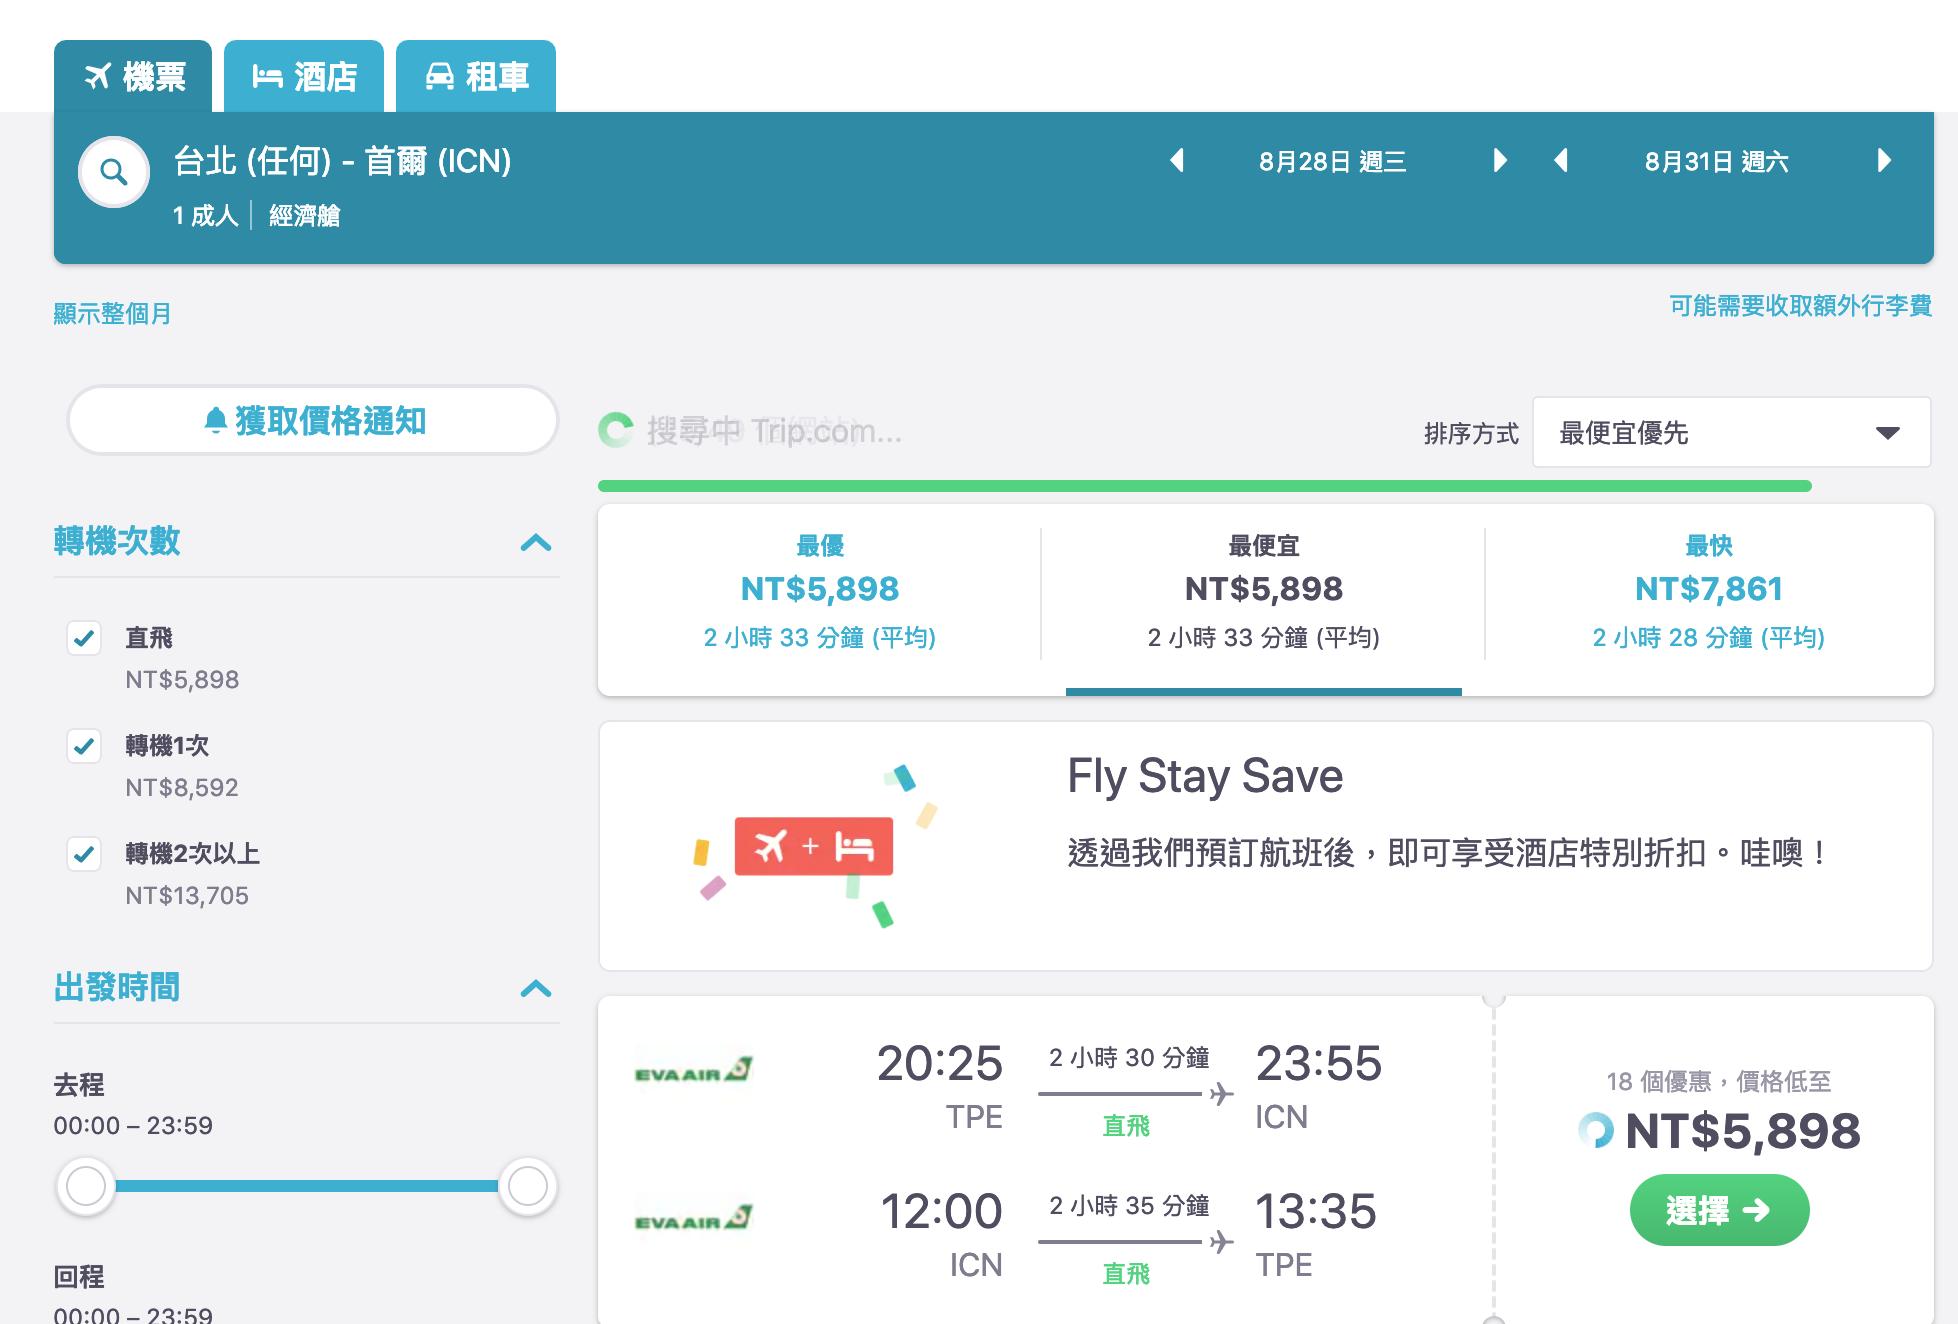 韓國線傳統航空特價,最低6K起~(查票:108.3.29) @走走停停,小燈泡在旅行